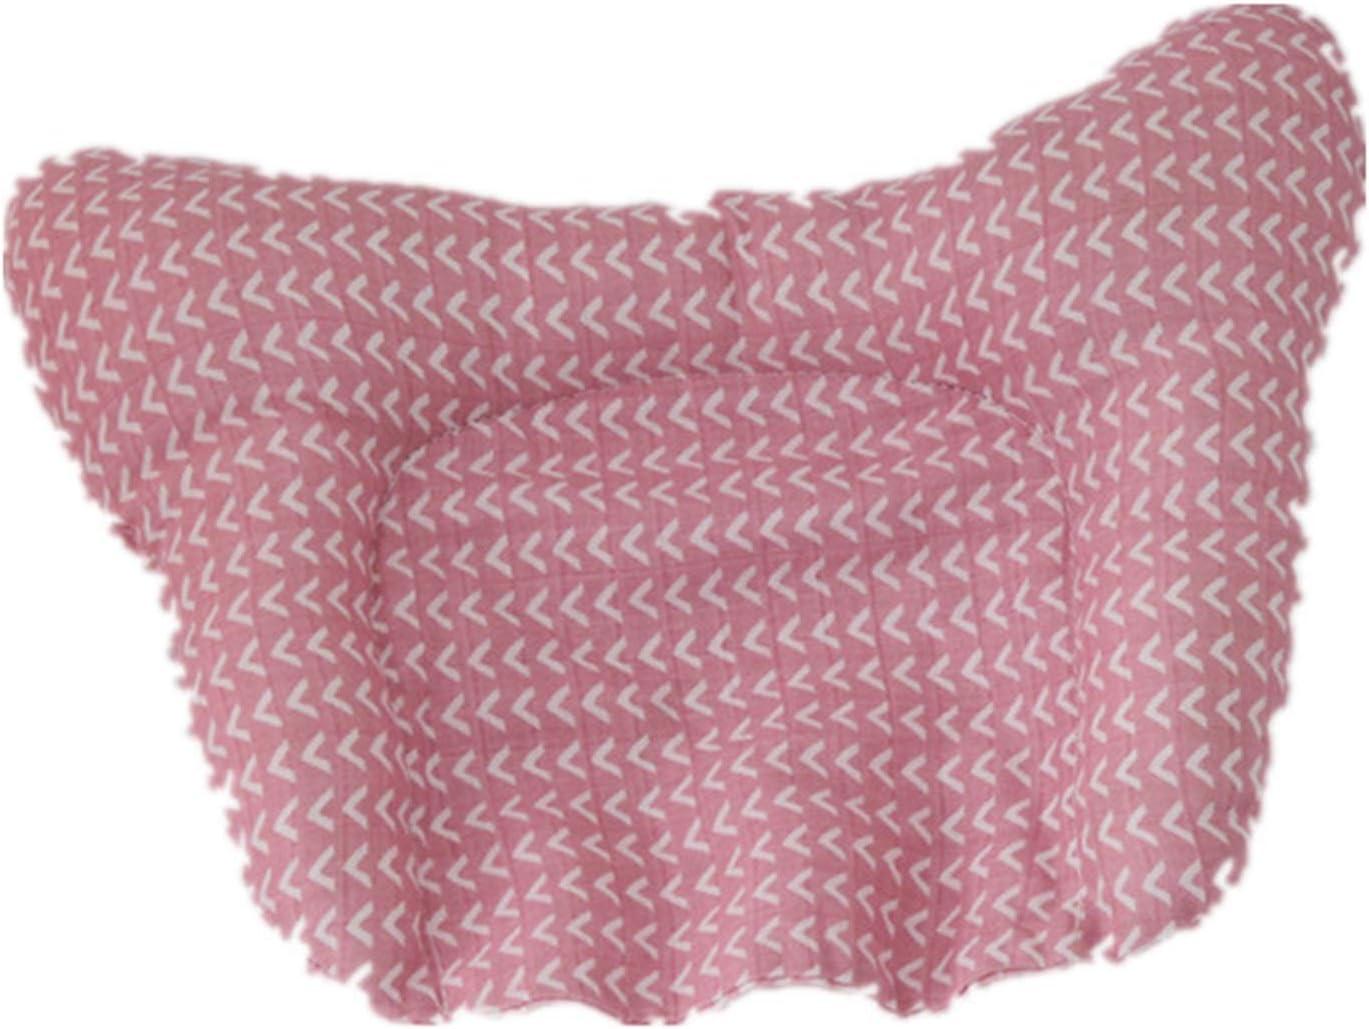 WUQIANG Nid Bébé Bébé bionique lit Amovible et Lavable bébé lit bébé Portable bébé Berceau Pliable dormeur bébé nid for bébé Nouveau-né Pare-Chocs (Color : Gray) Pink1